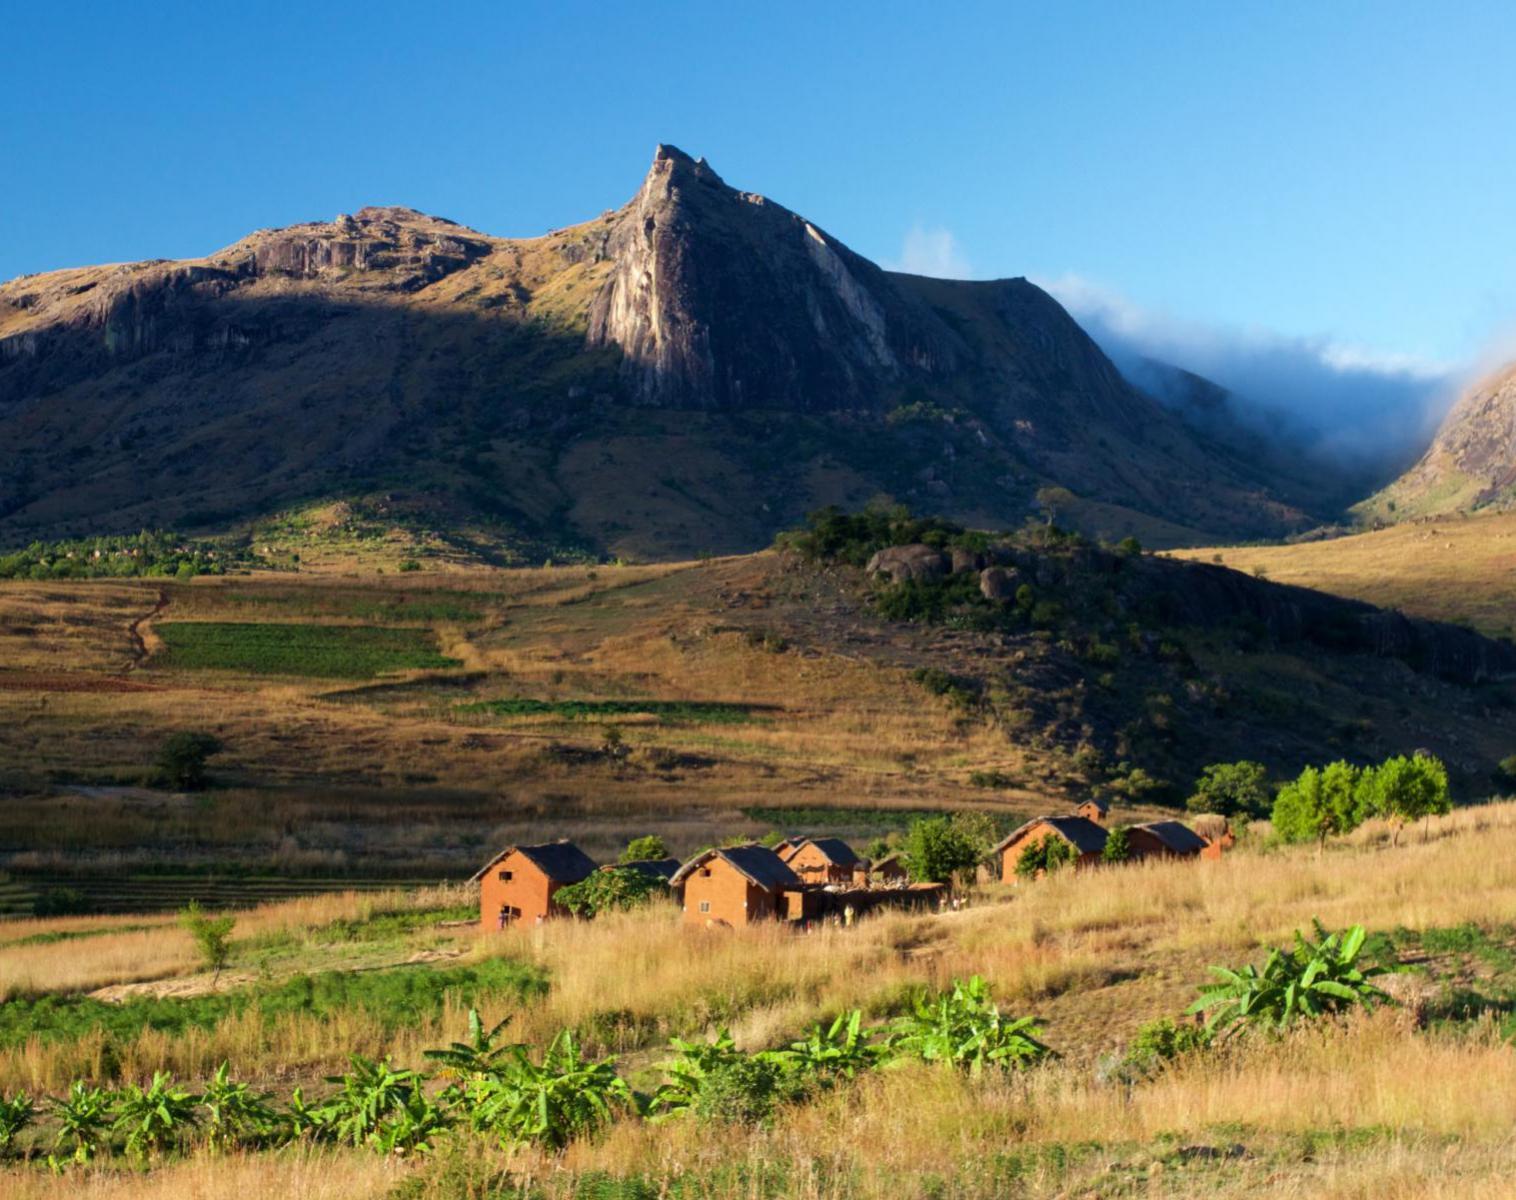 Madagascar  Randonnée Hautes Terres et savane   Découverte Trek & Randonnée